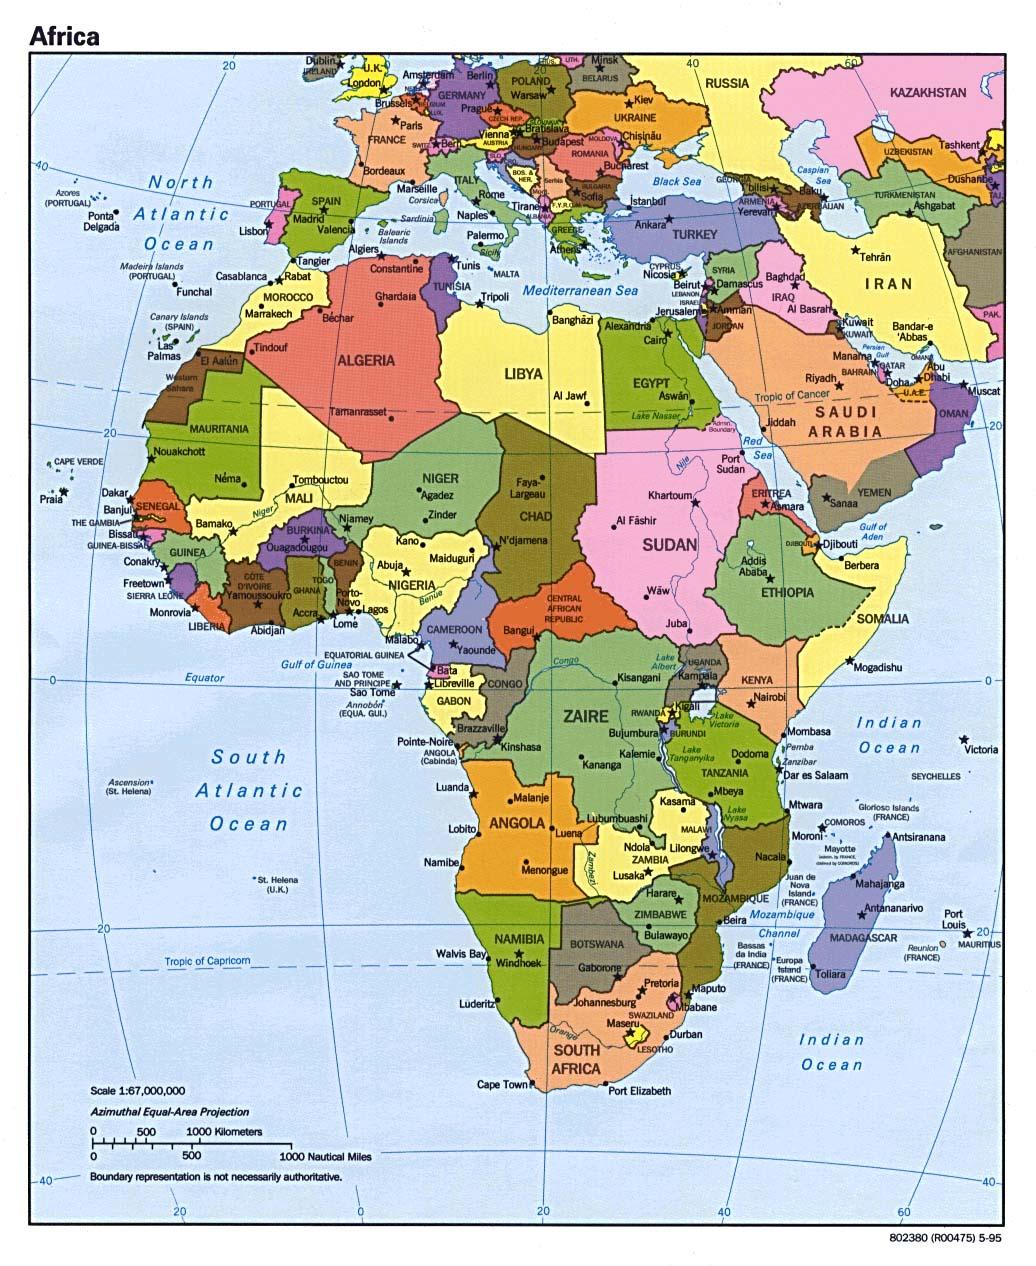 Mapa politico de áfrica 1995